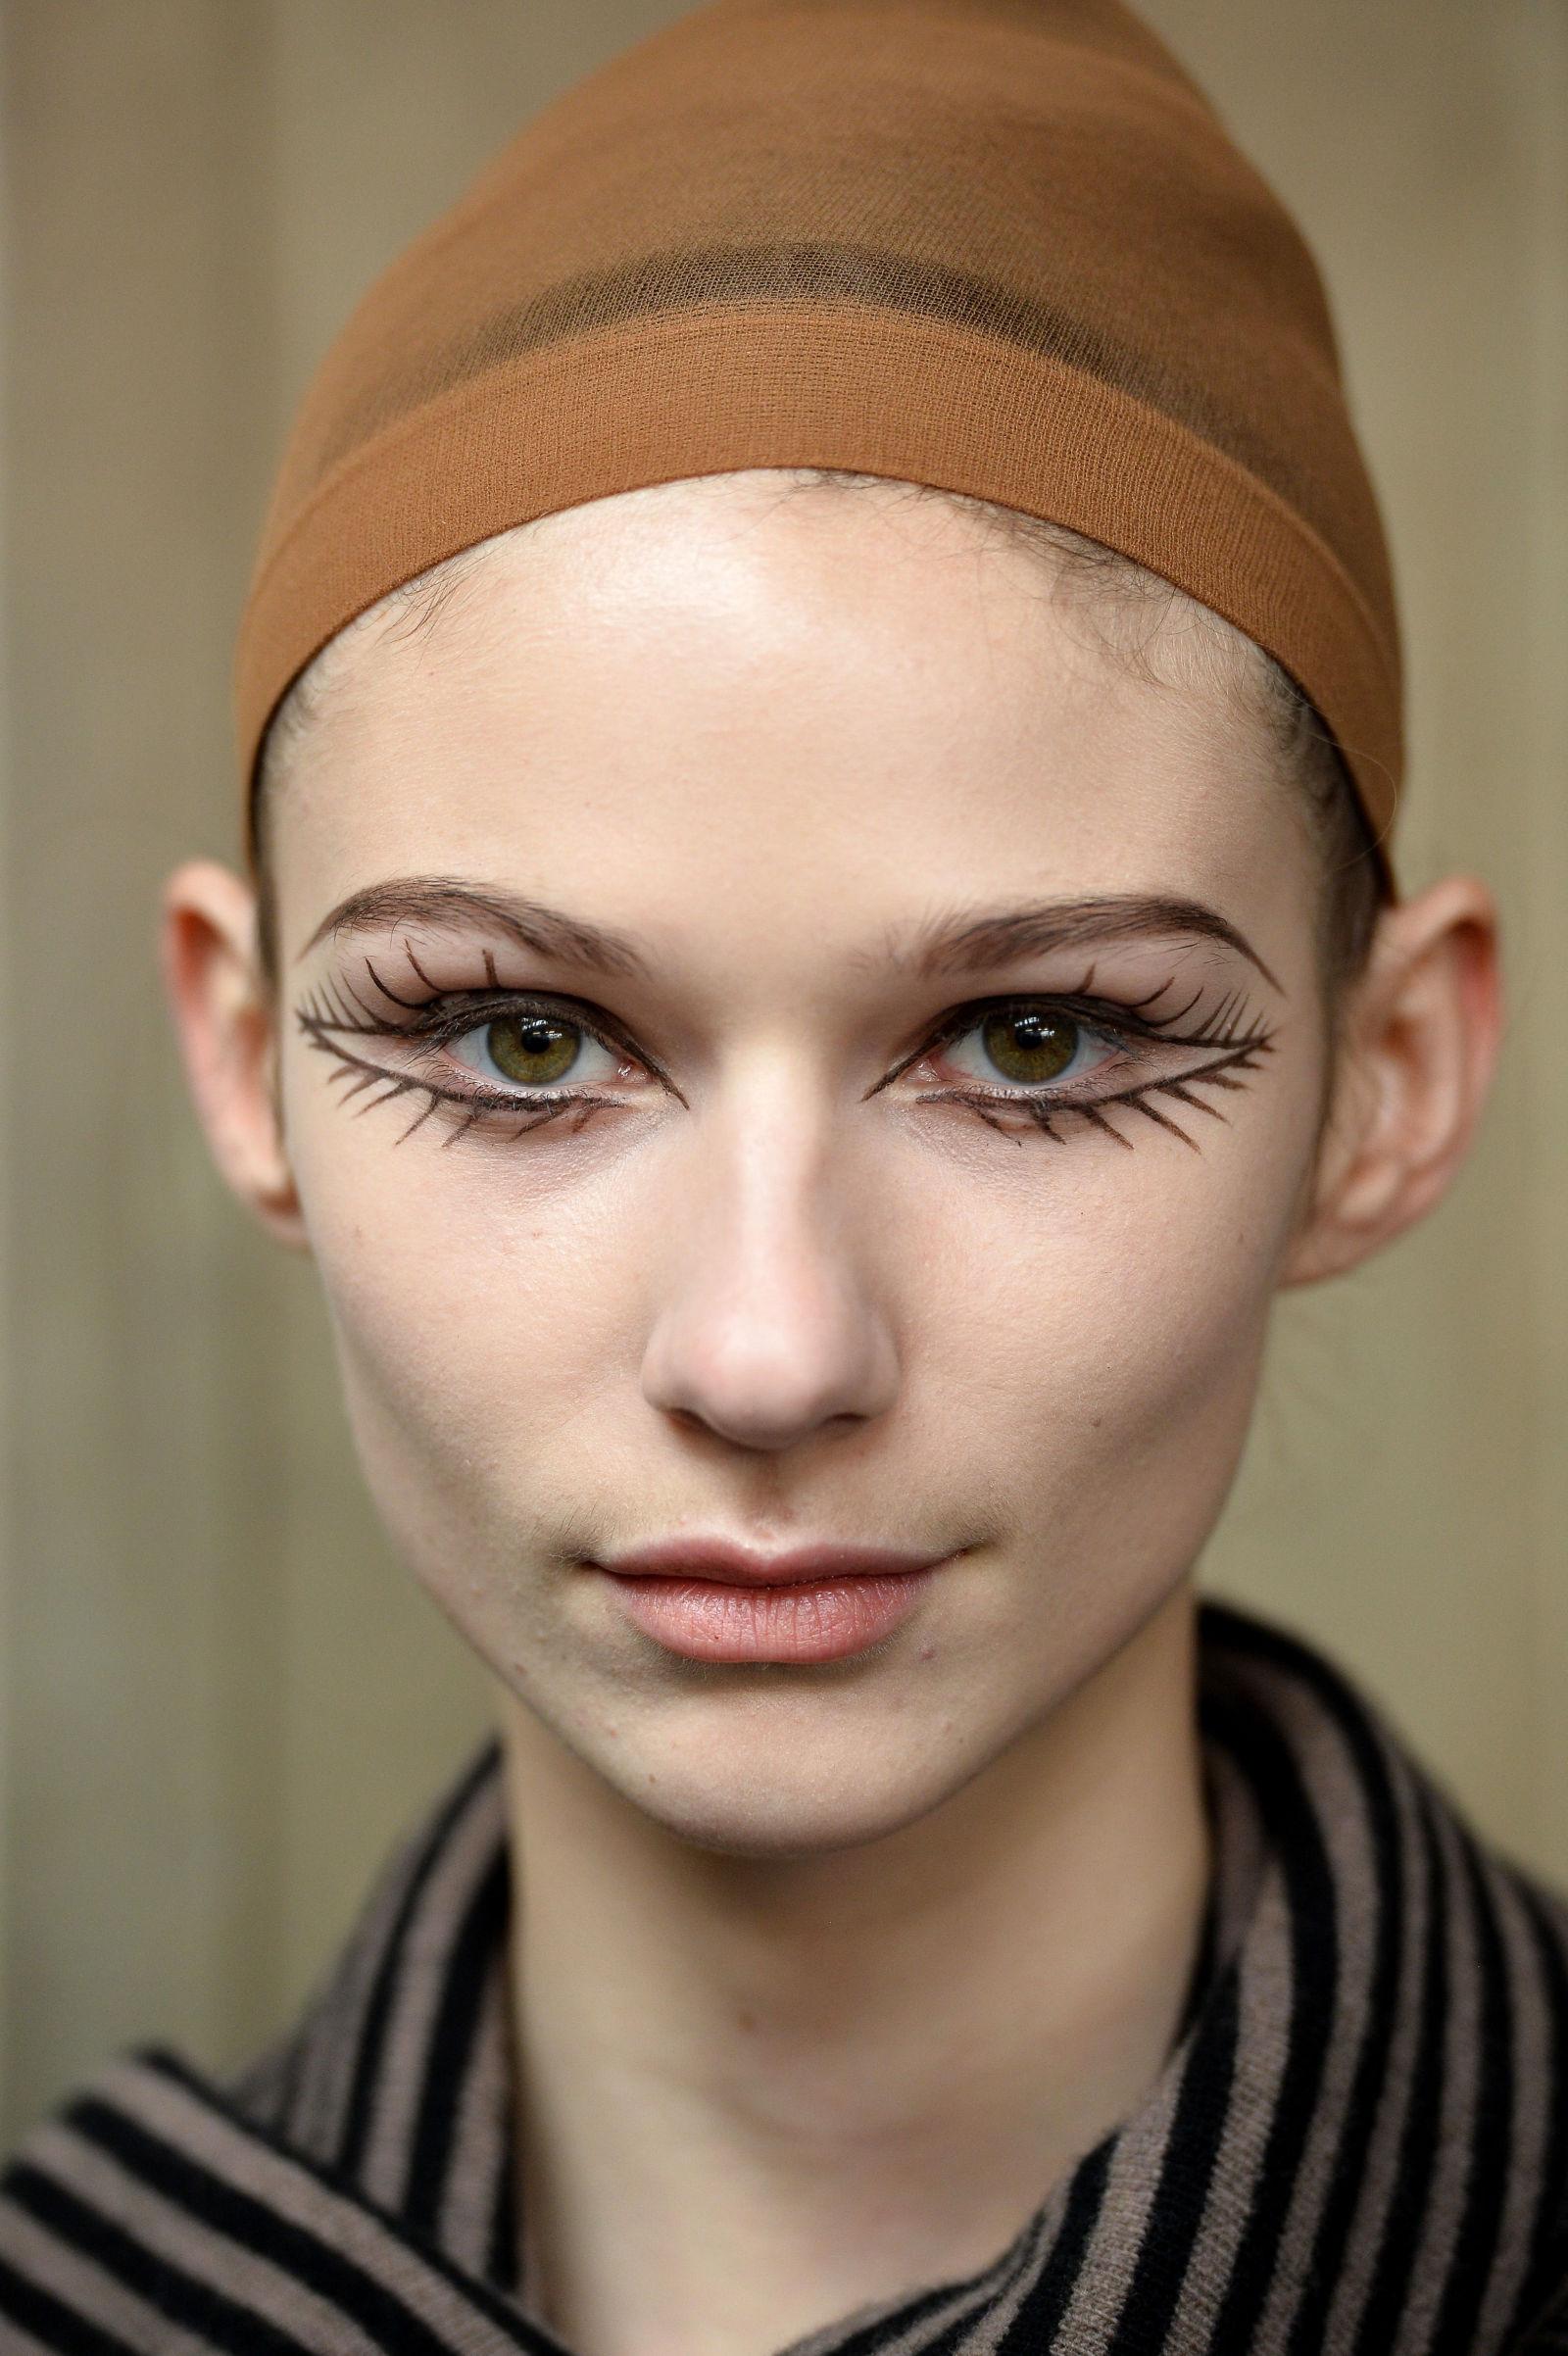 Bạn muốn mắt mình to hơn ư? Lời khuyên của show diễn Isa Arfen là hãy vẽ hẳn một đôi mắt khác cho mình. Hình vẽ đôi mắt với hàng mi ấn tượng này được lấy cảm hứng từ siêu mẫu huyền thoại Twiggy.